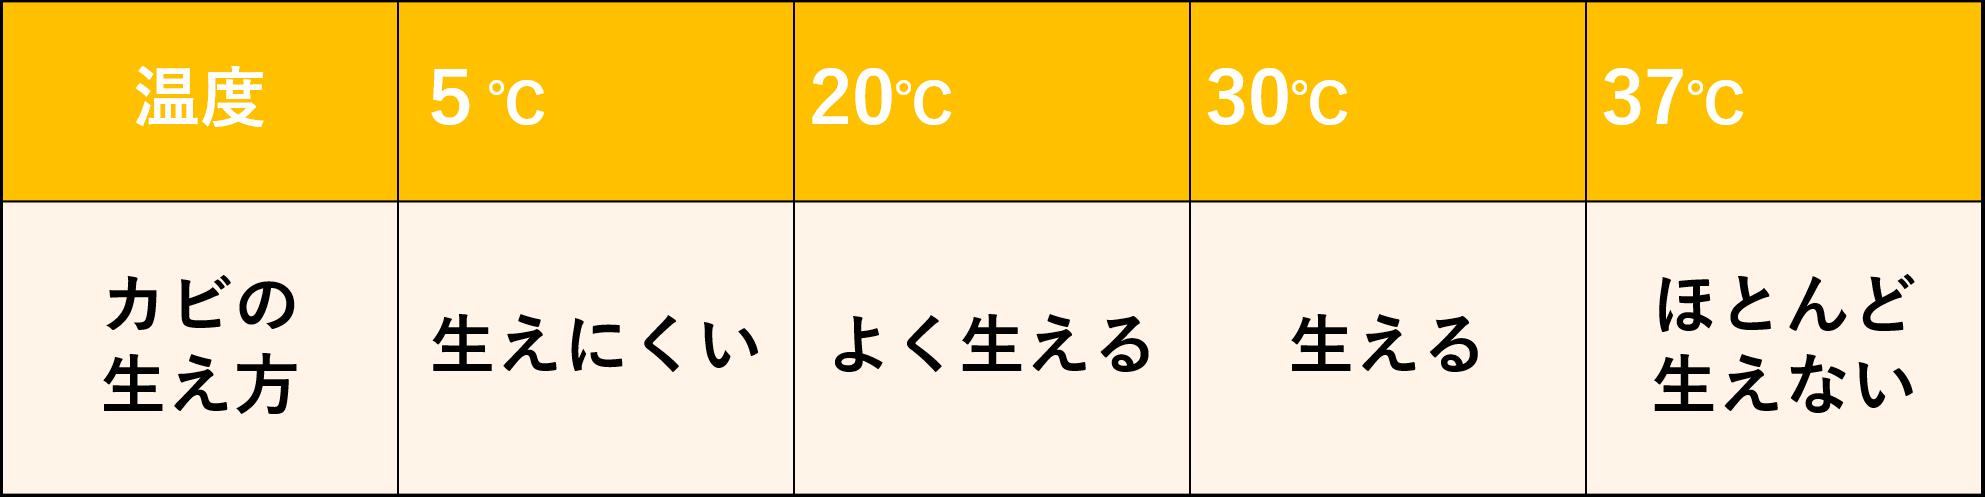 温度とカビの増殖の関係